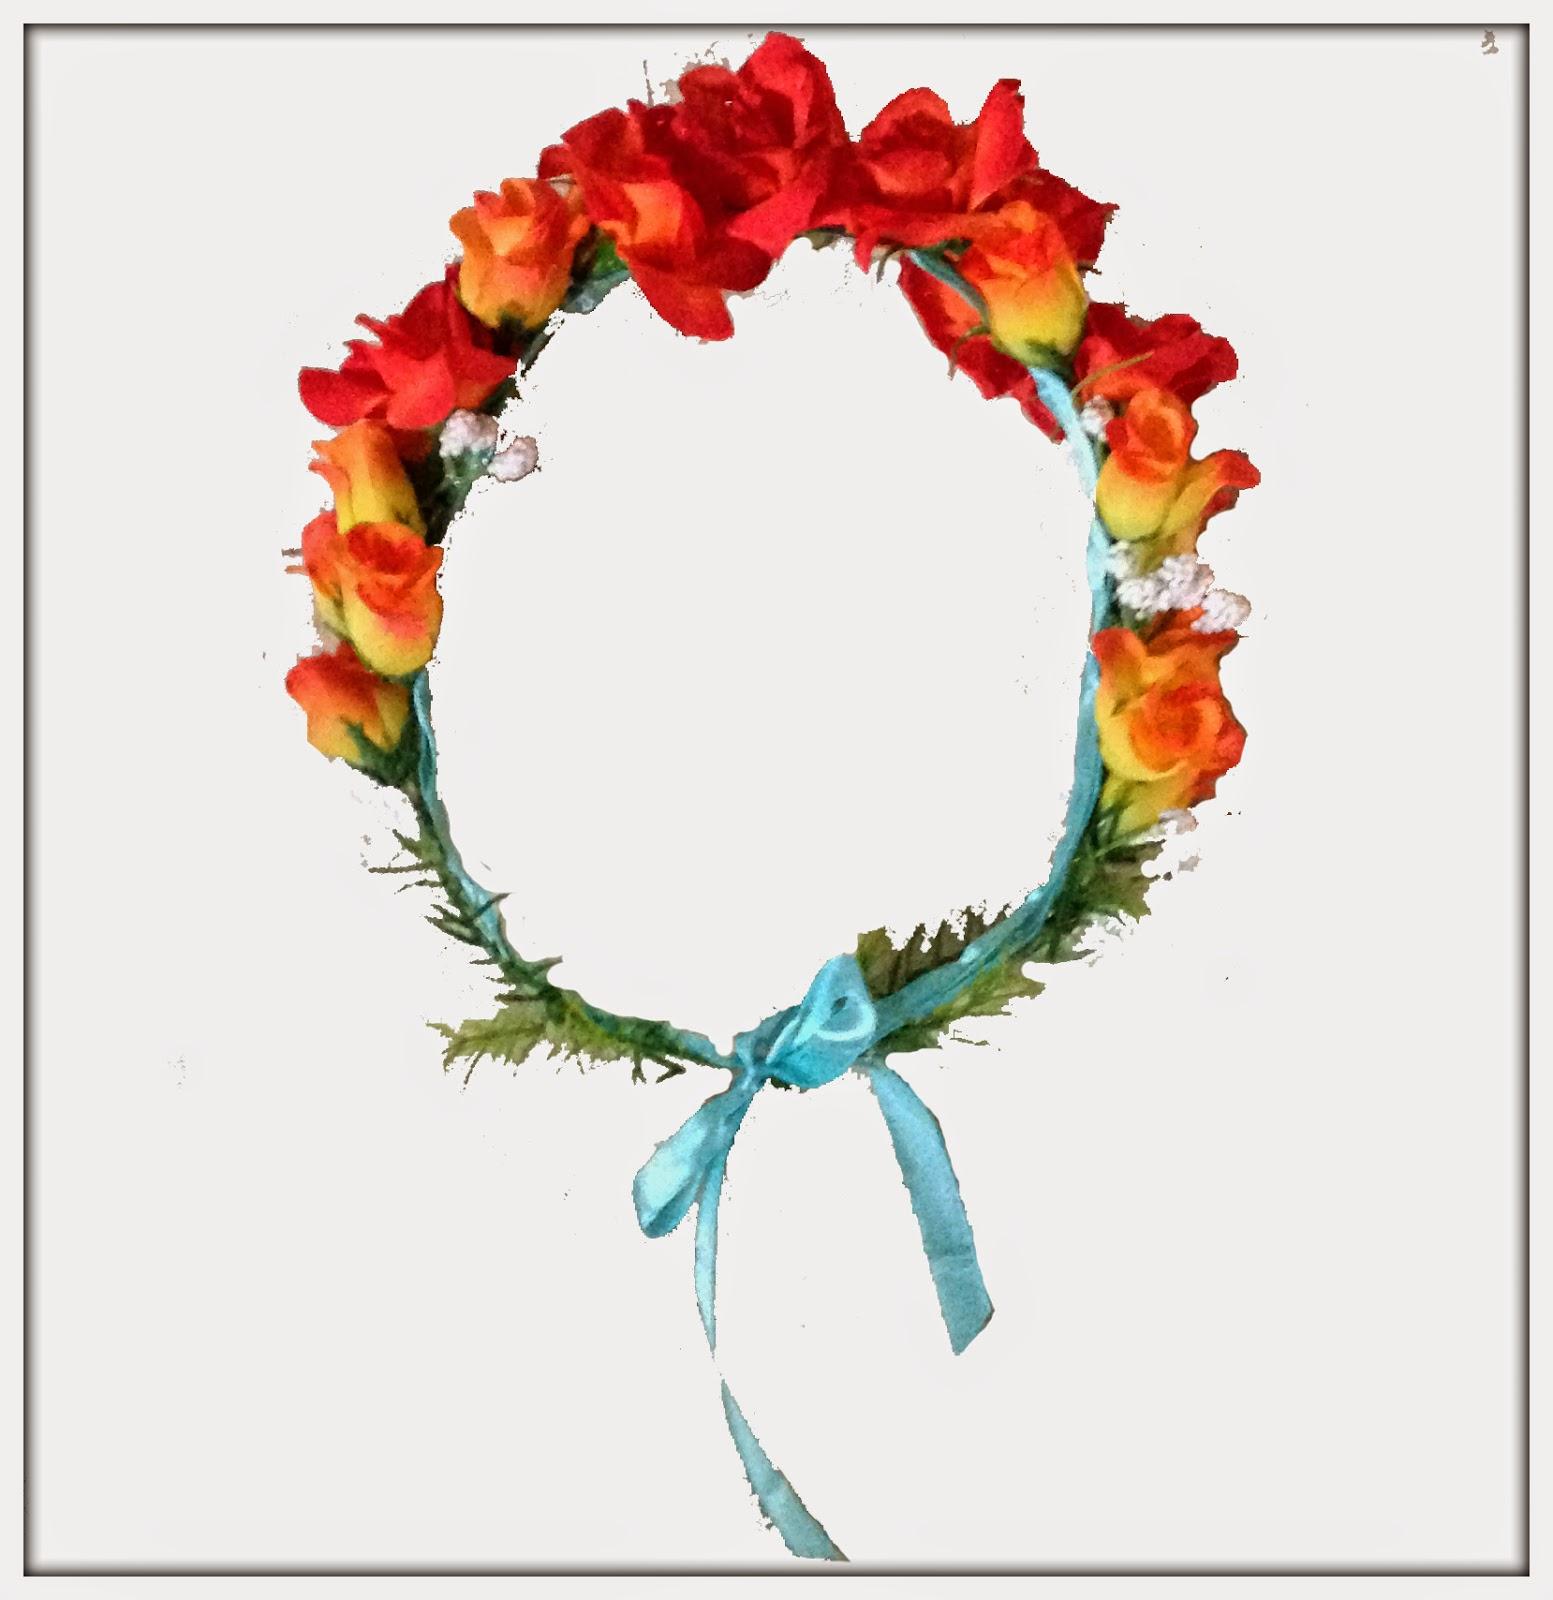 corona fiori fatta a mano roses